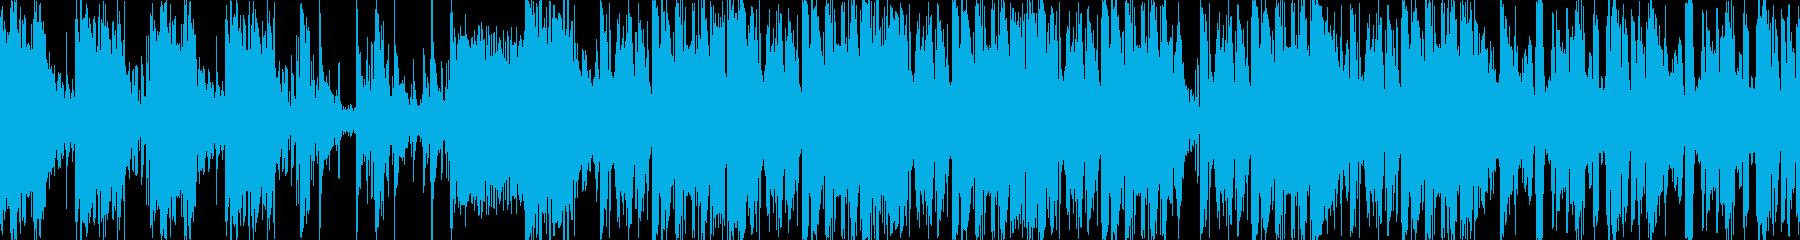 緊迫したバトル・戦闘に適したBGMの再生済みの波形